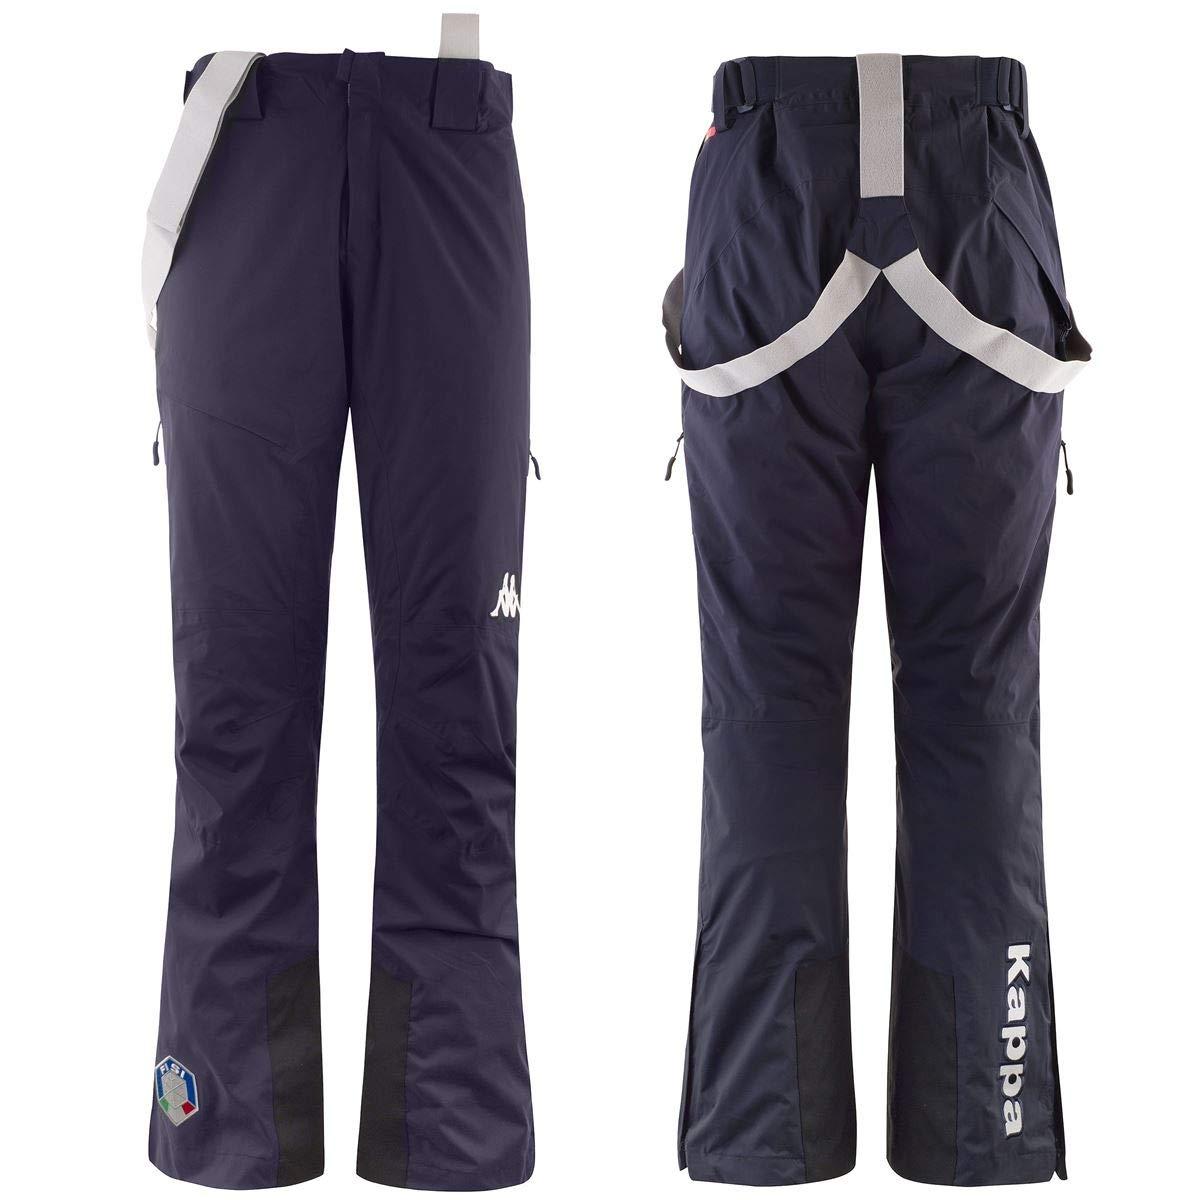 Kappa - 6cento 622a Full Zip Fisi, Pantaloni da Neve Uomo 304J4L0